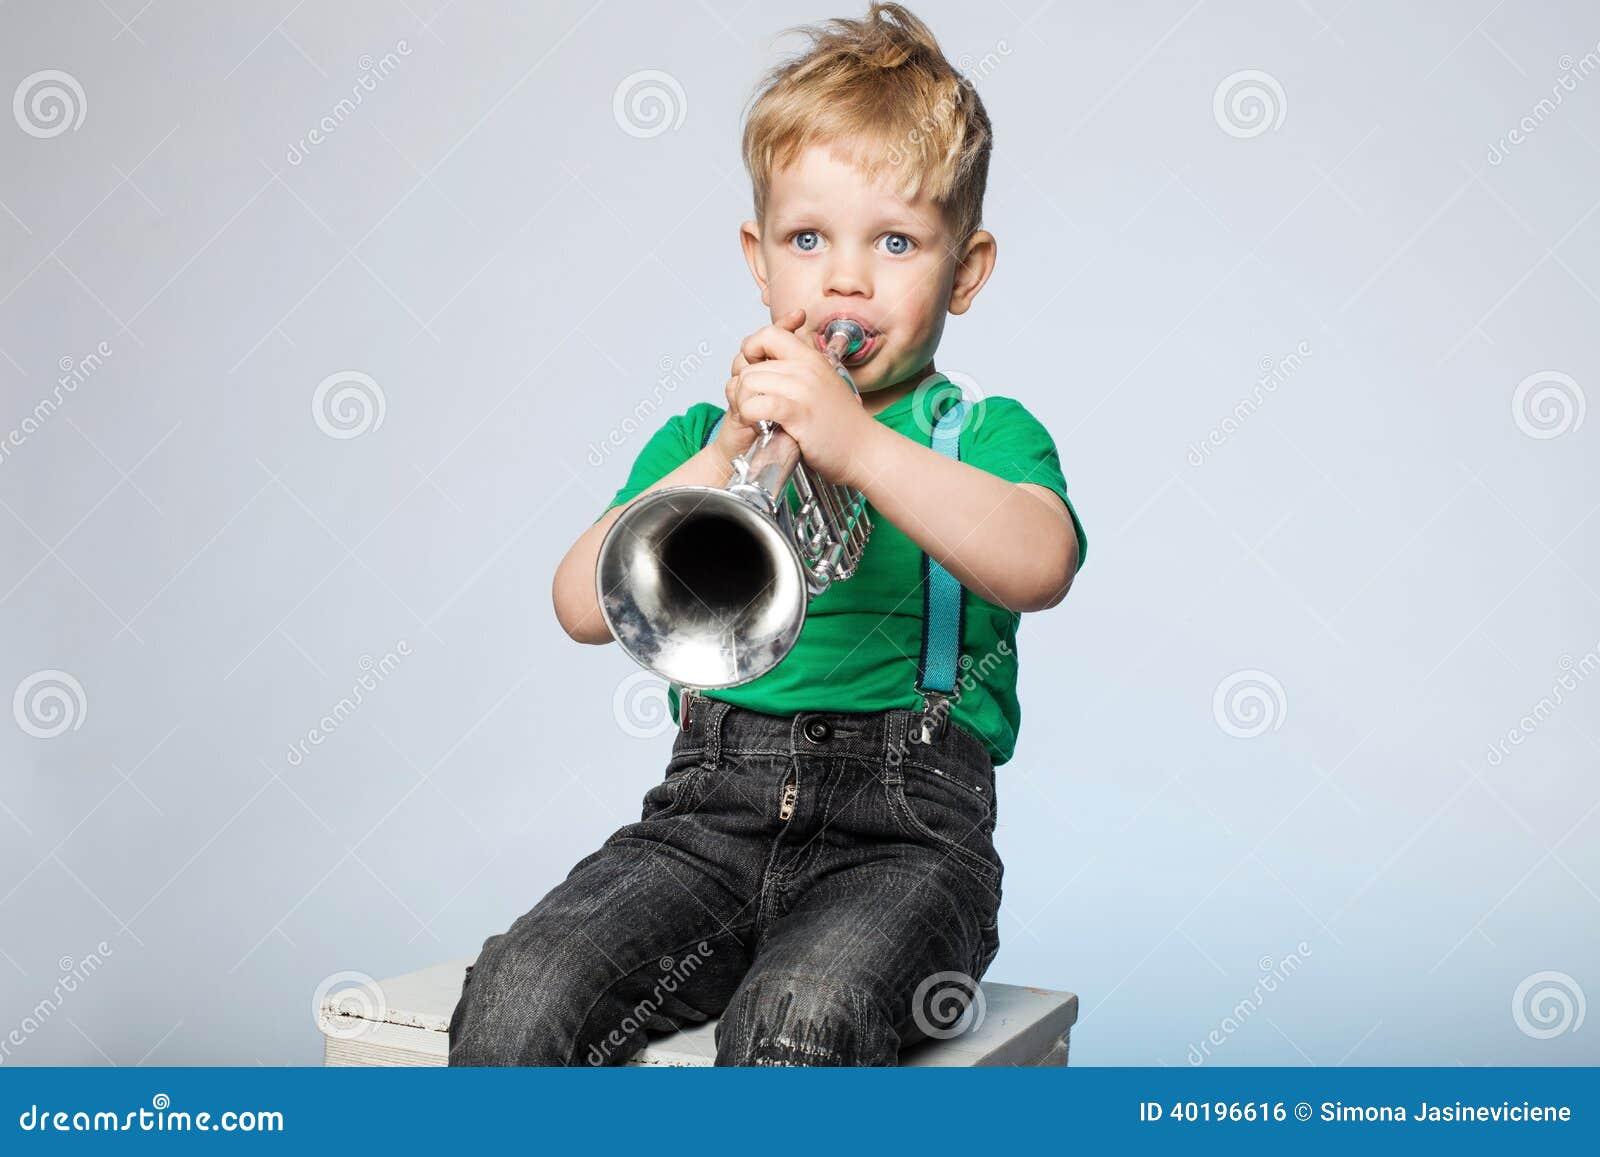 Trombeta de sopro da criança